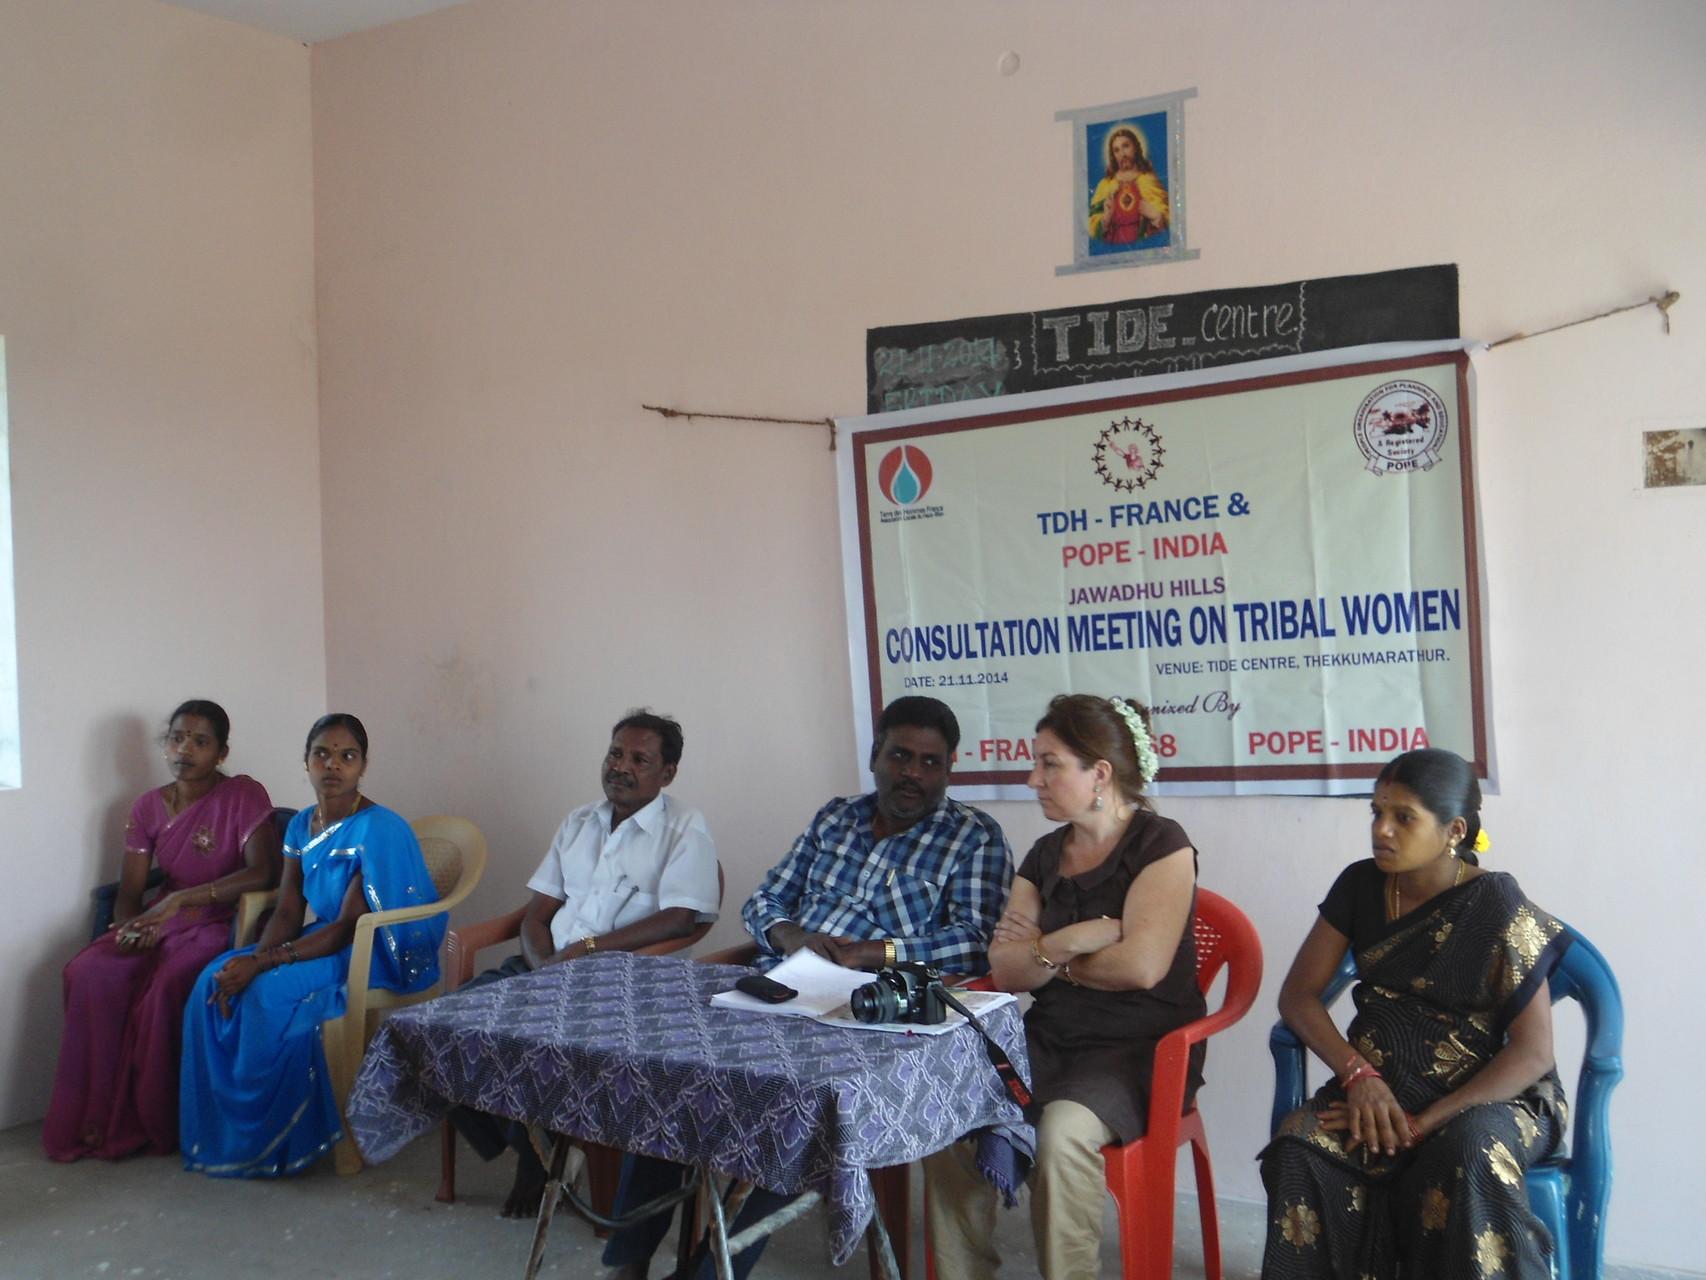 Novembre 2014 - Réunion d'information avec les femmes tribales à Thekkumapathur en présence d'Agnès Muller